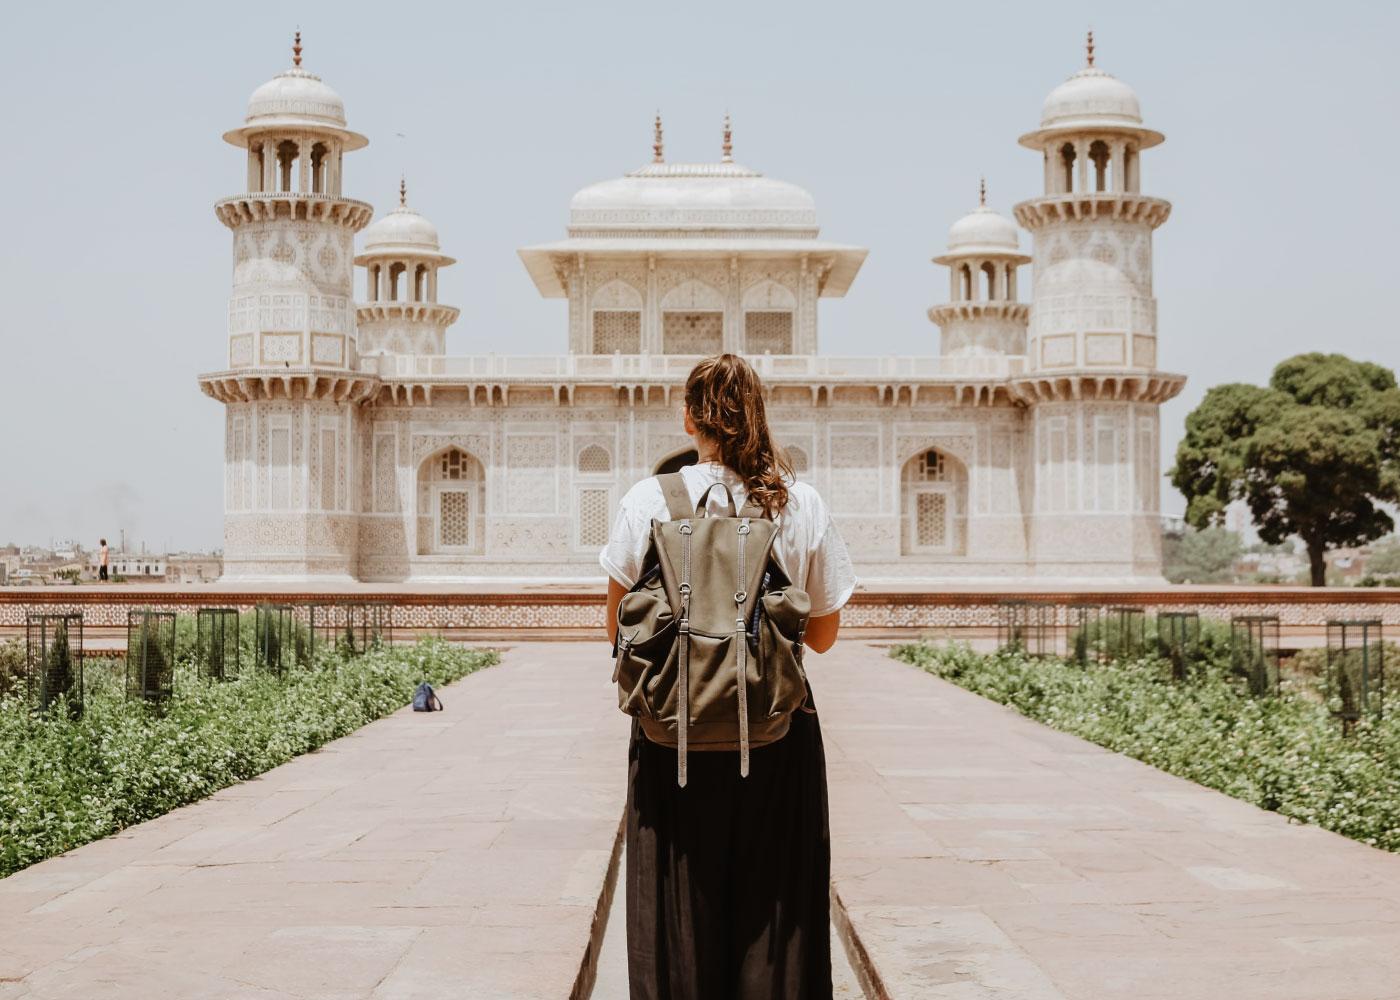 Turista in vacanza davanti ad opera architettonica